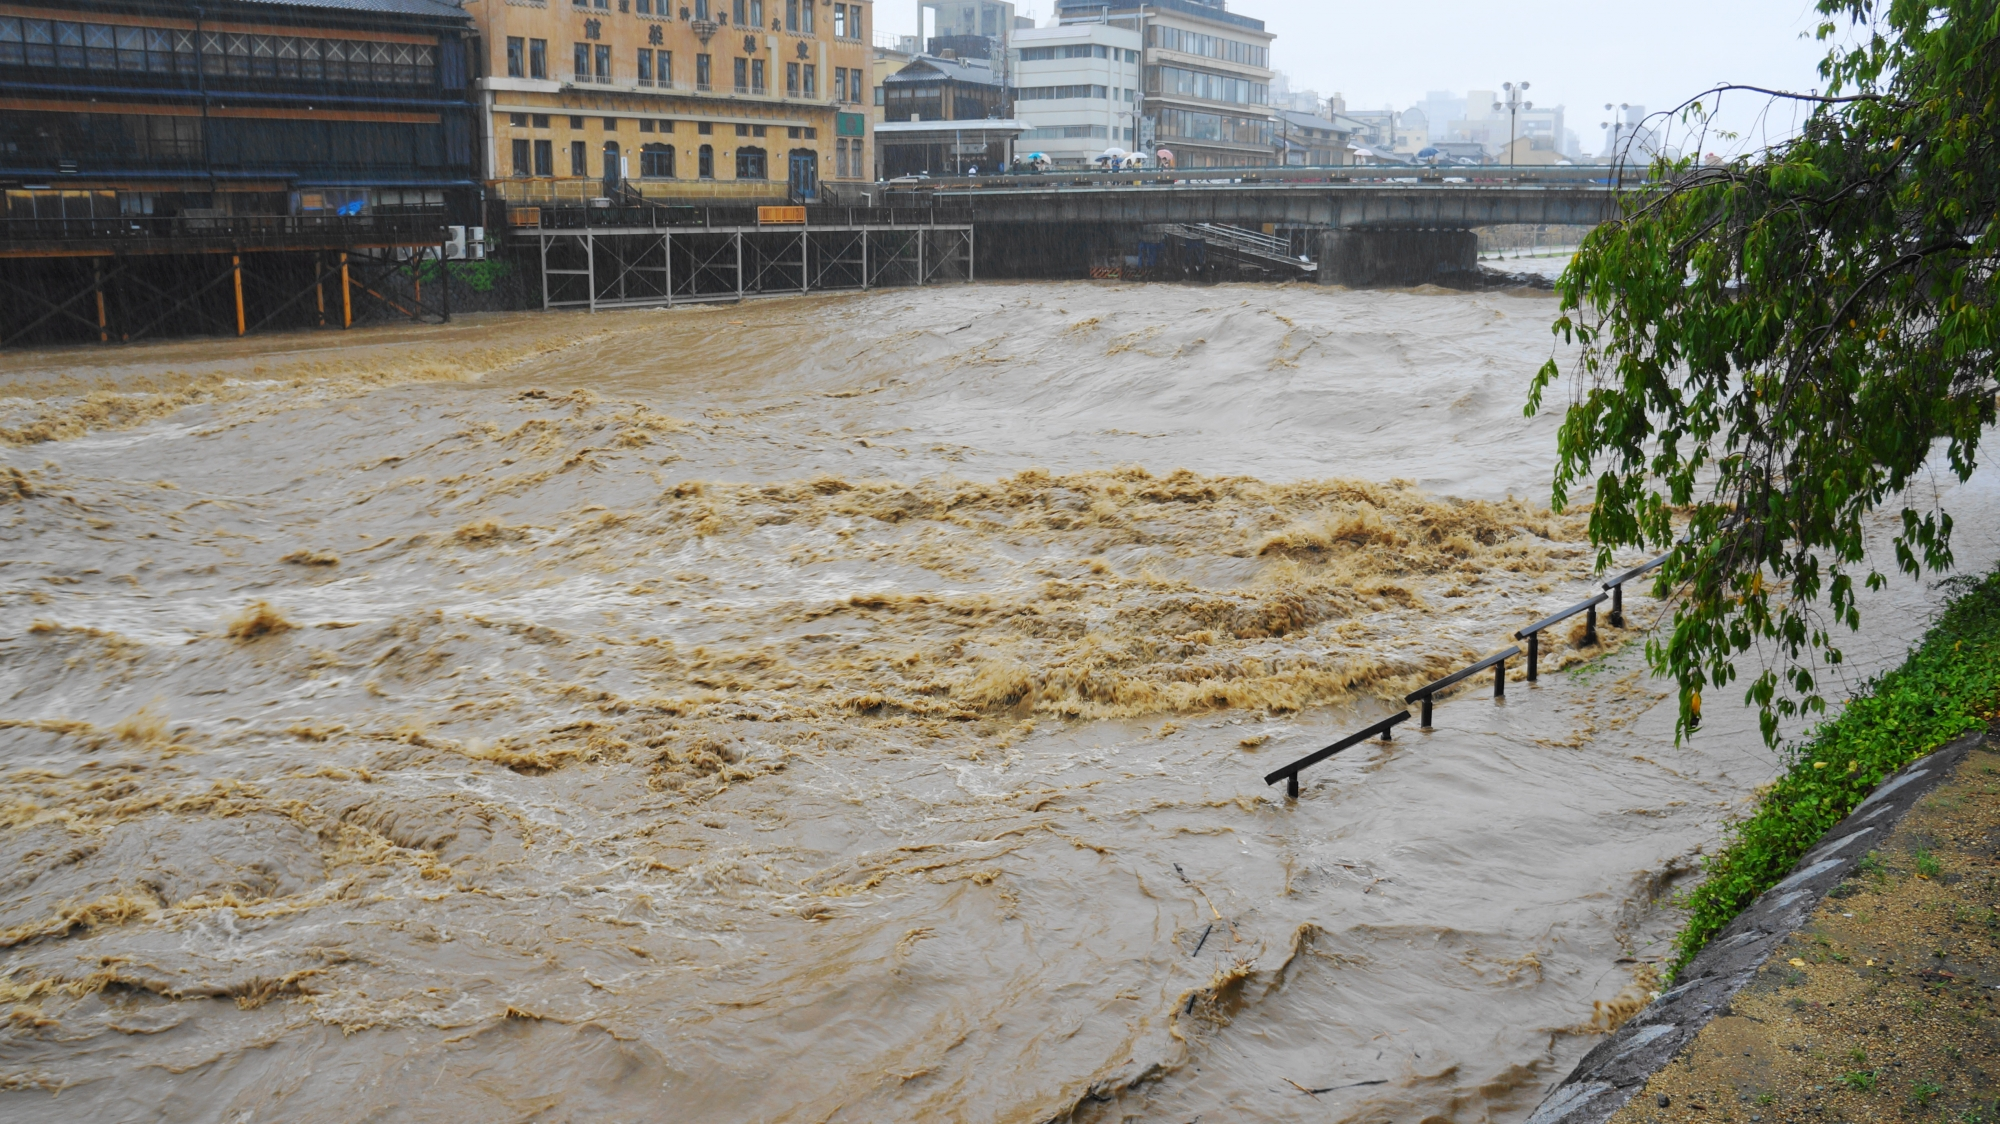 かなりの勢いで下流へ流れていく鴨川の濁流